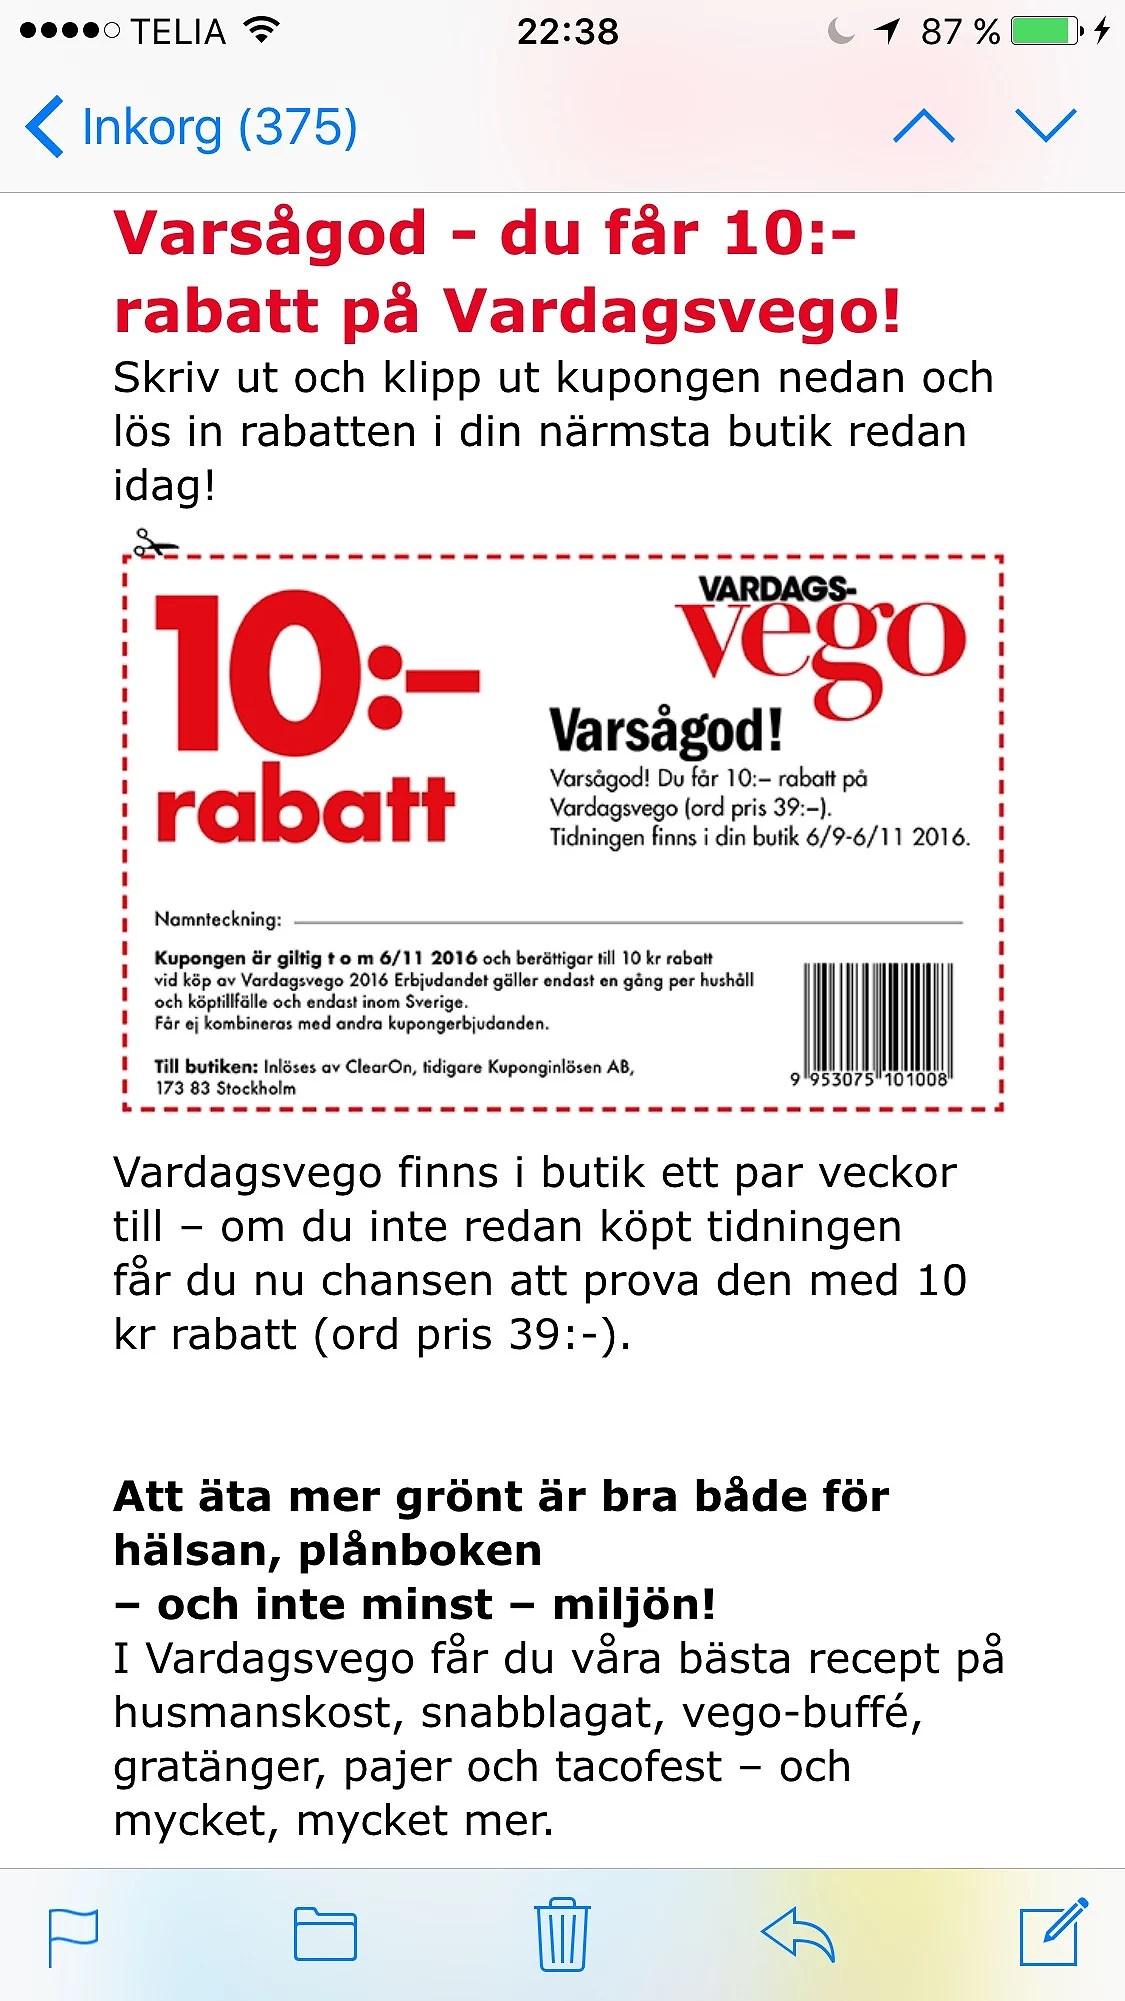 10 kr rabatt på Vego